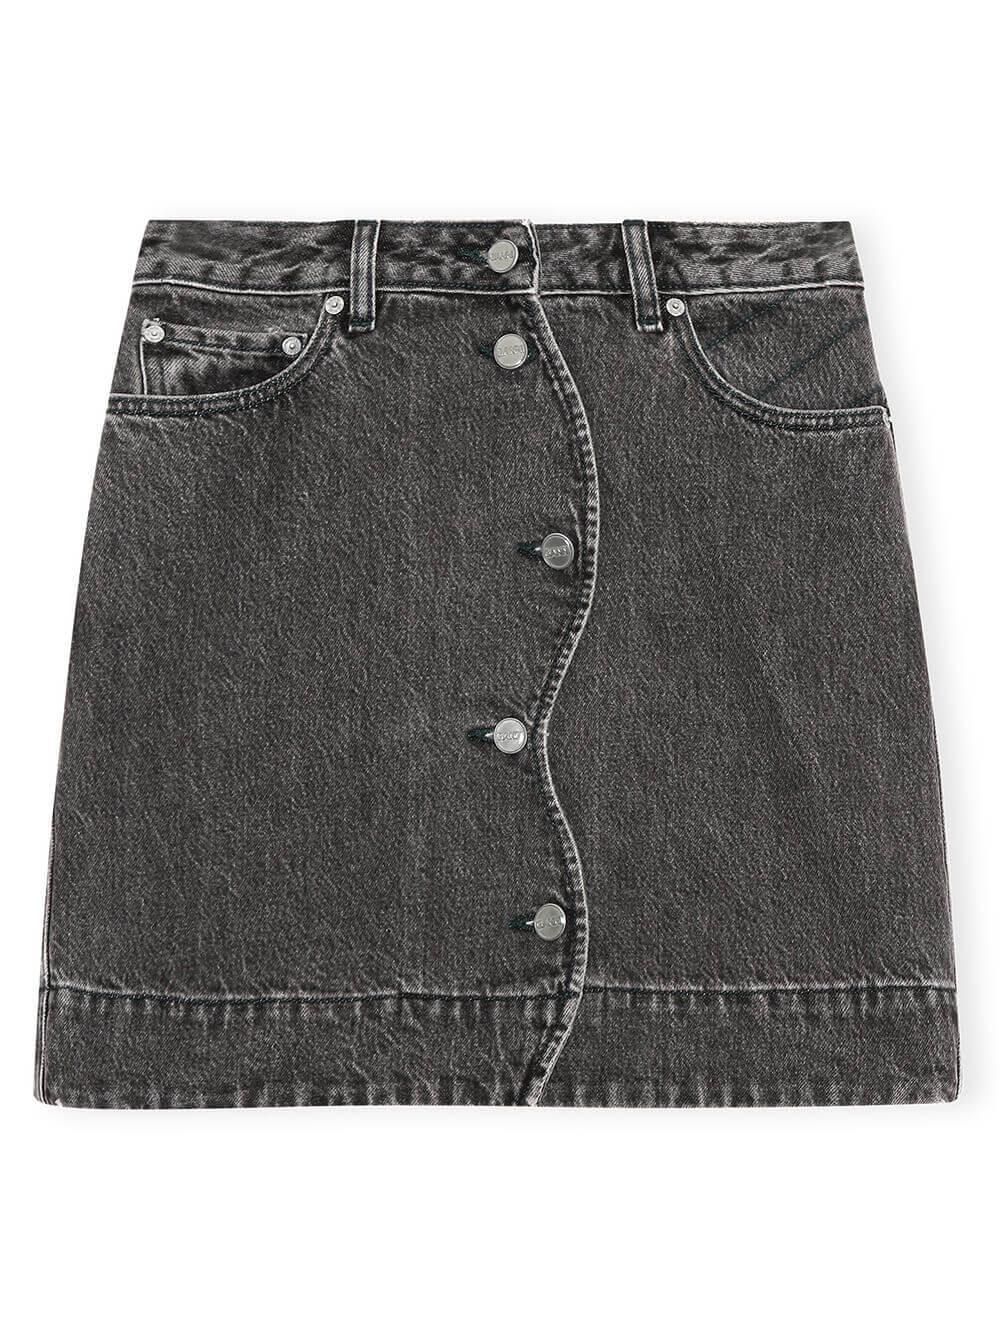 Denim Mini Skirt Item # F6193